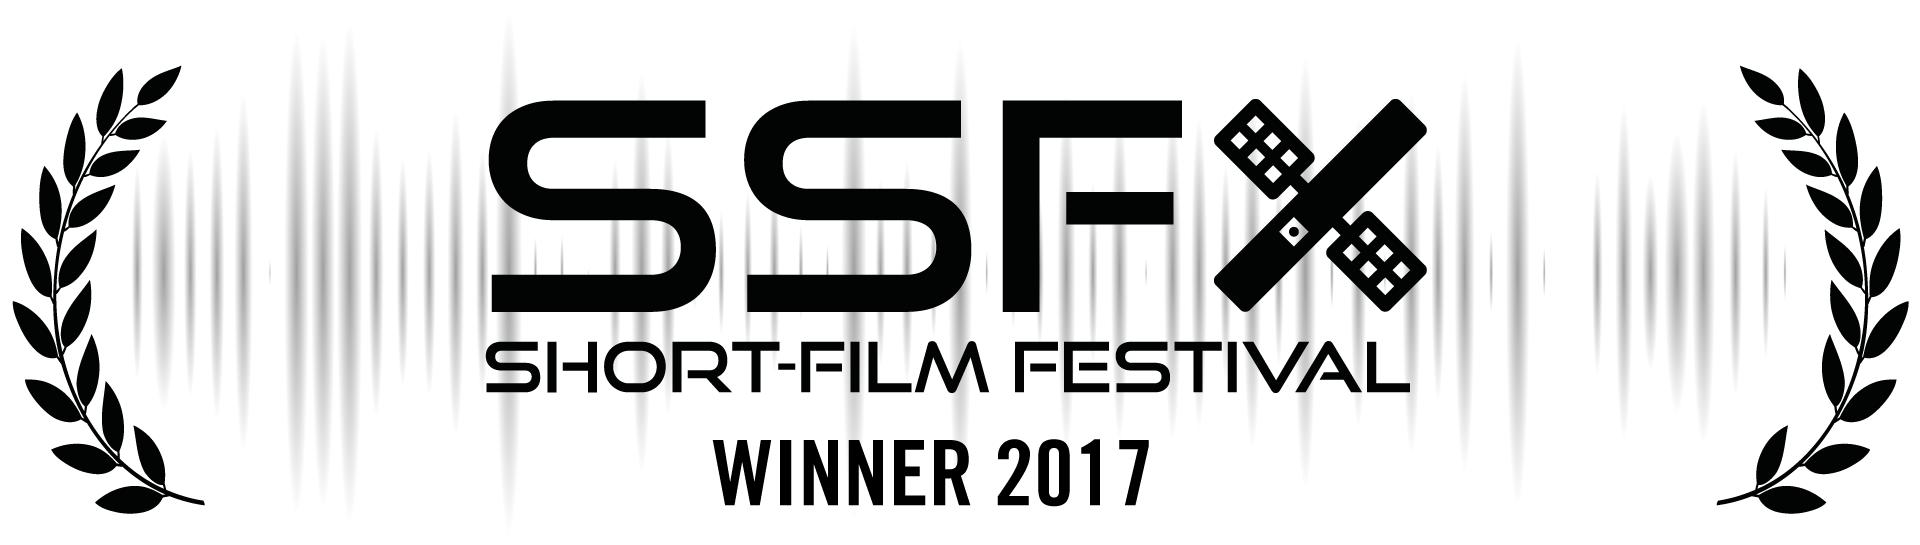 ssfx-laurel-winner-2.png